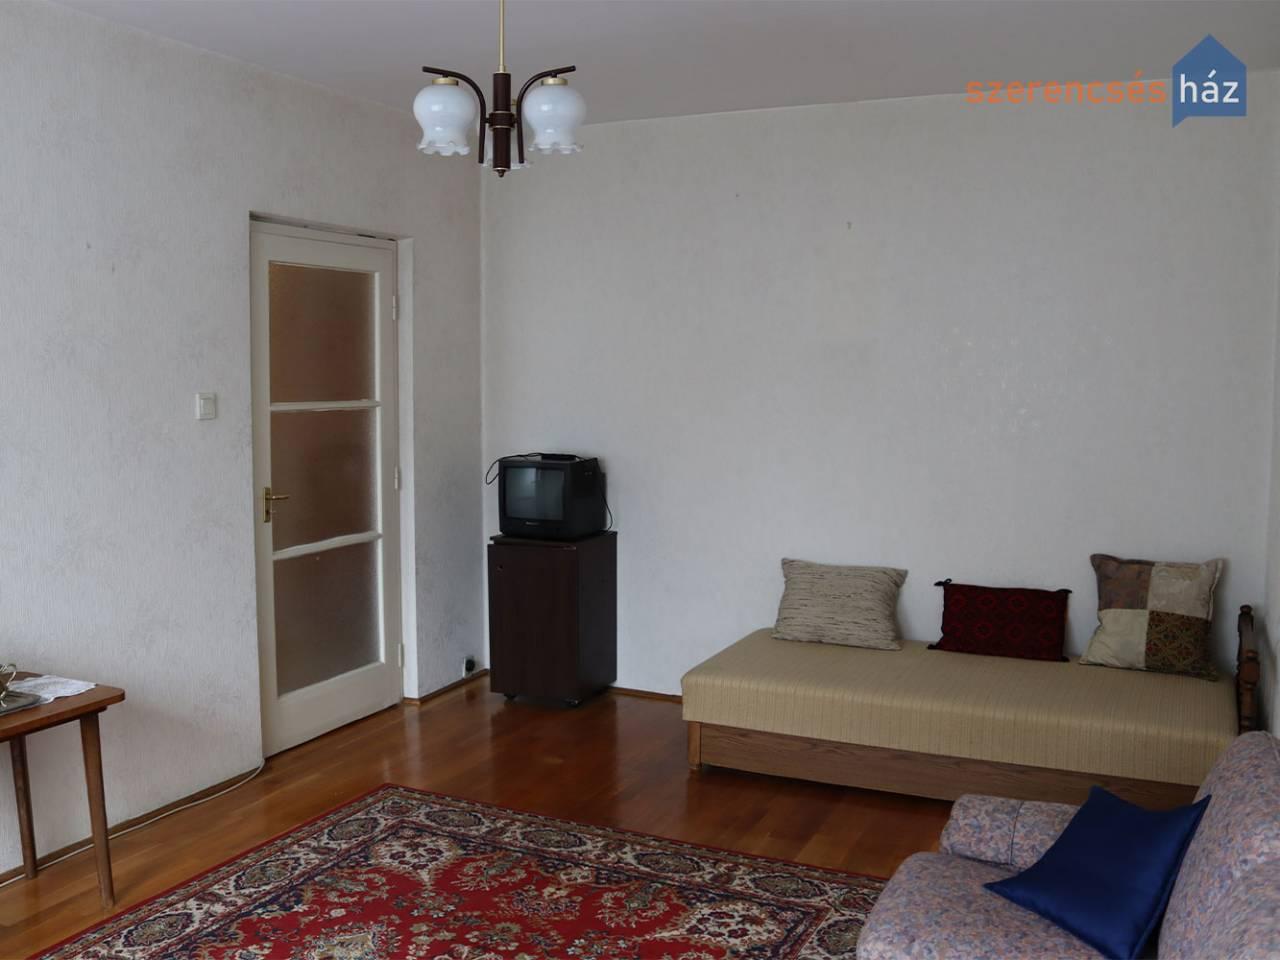 1,5 szobás földszinti lakás a belváros közelében